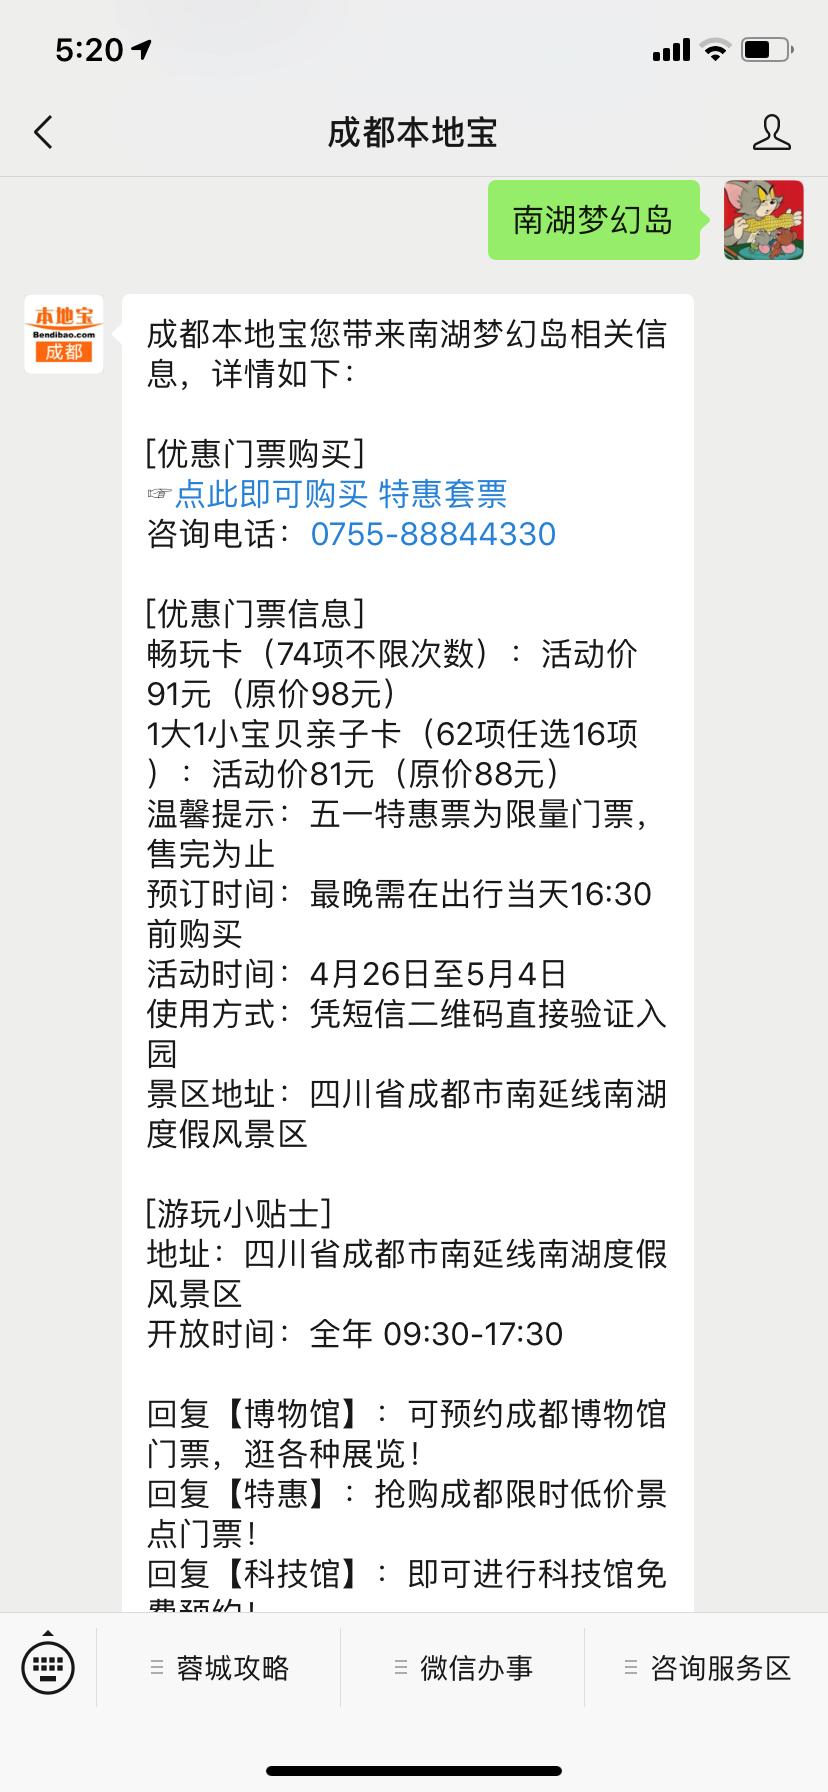 成都南湖梦幻岛2019年五一优惠门票信息